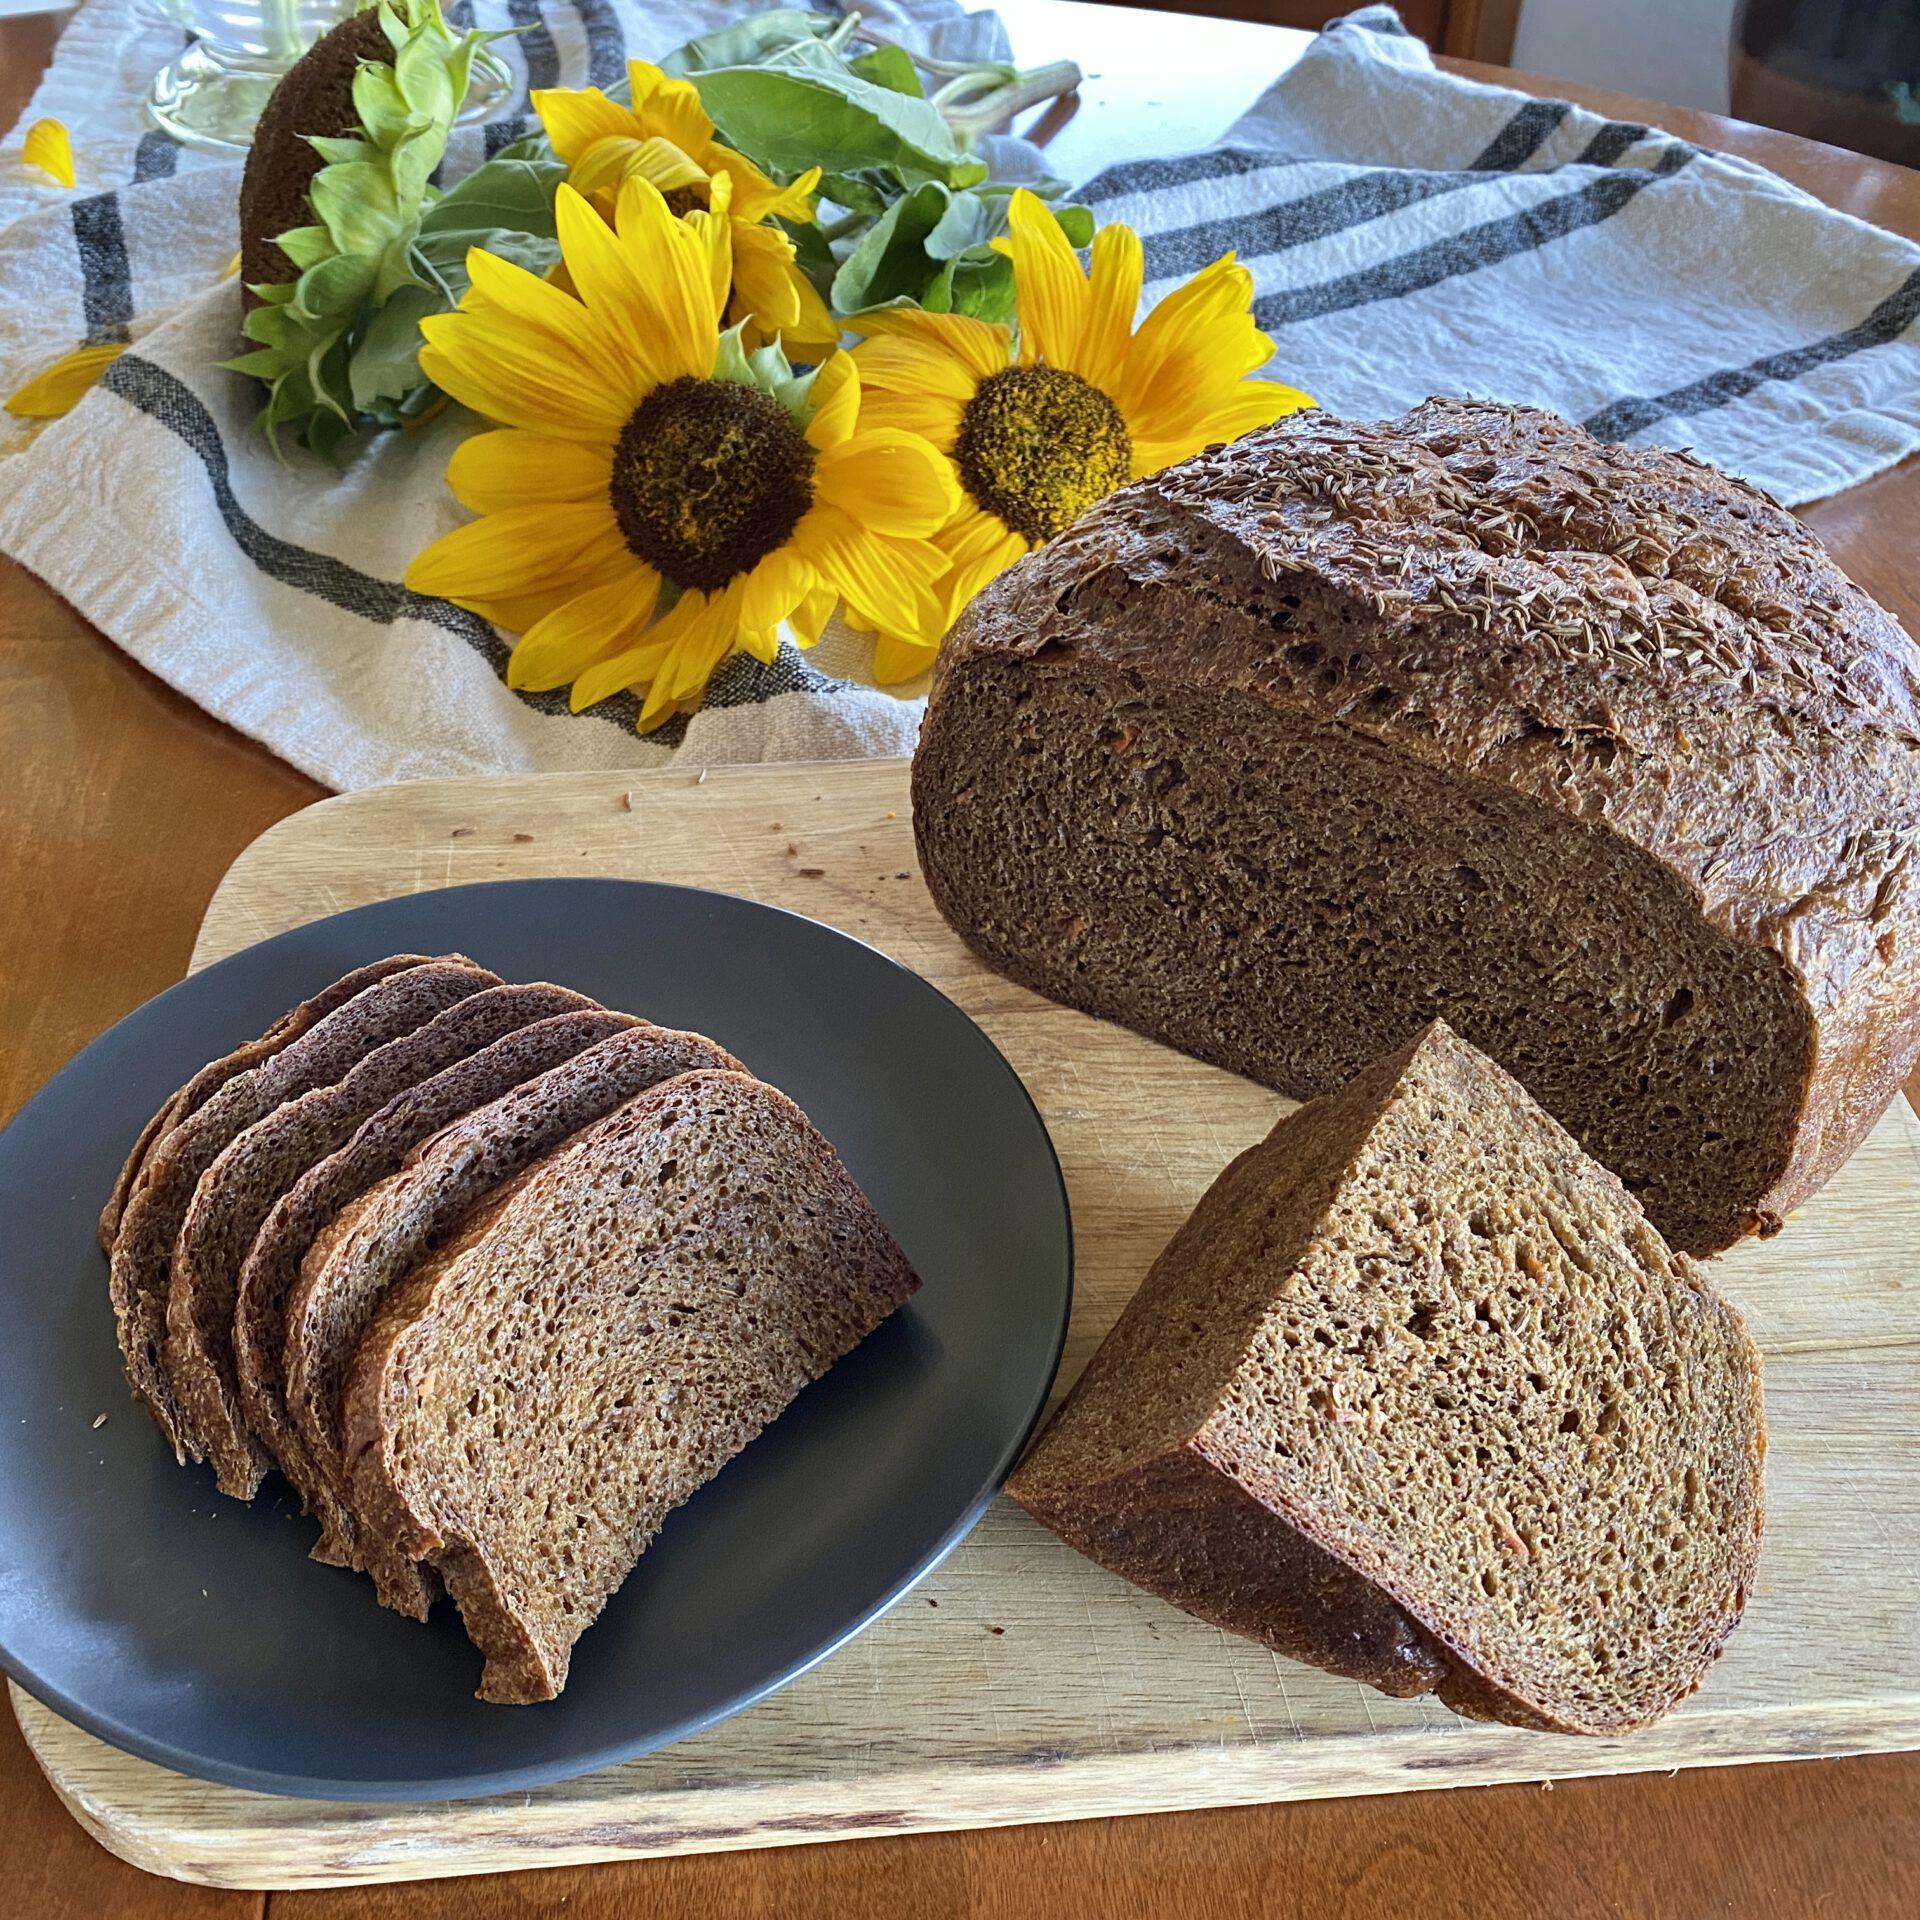 Caraway Rye Black Bread on a cutting board